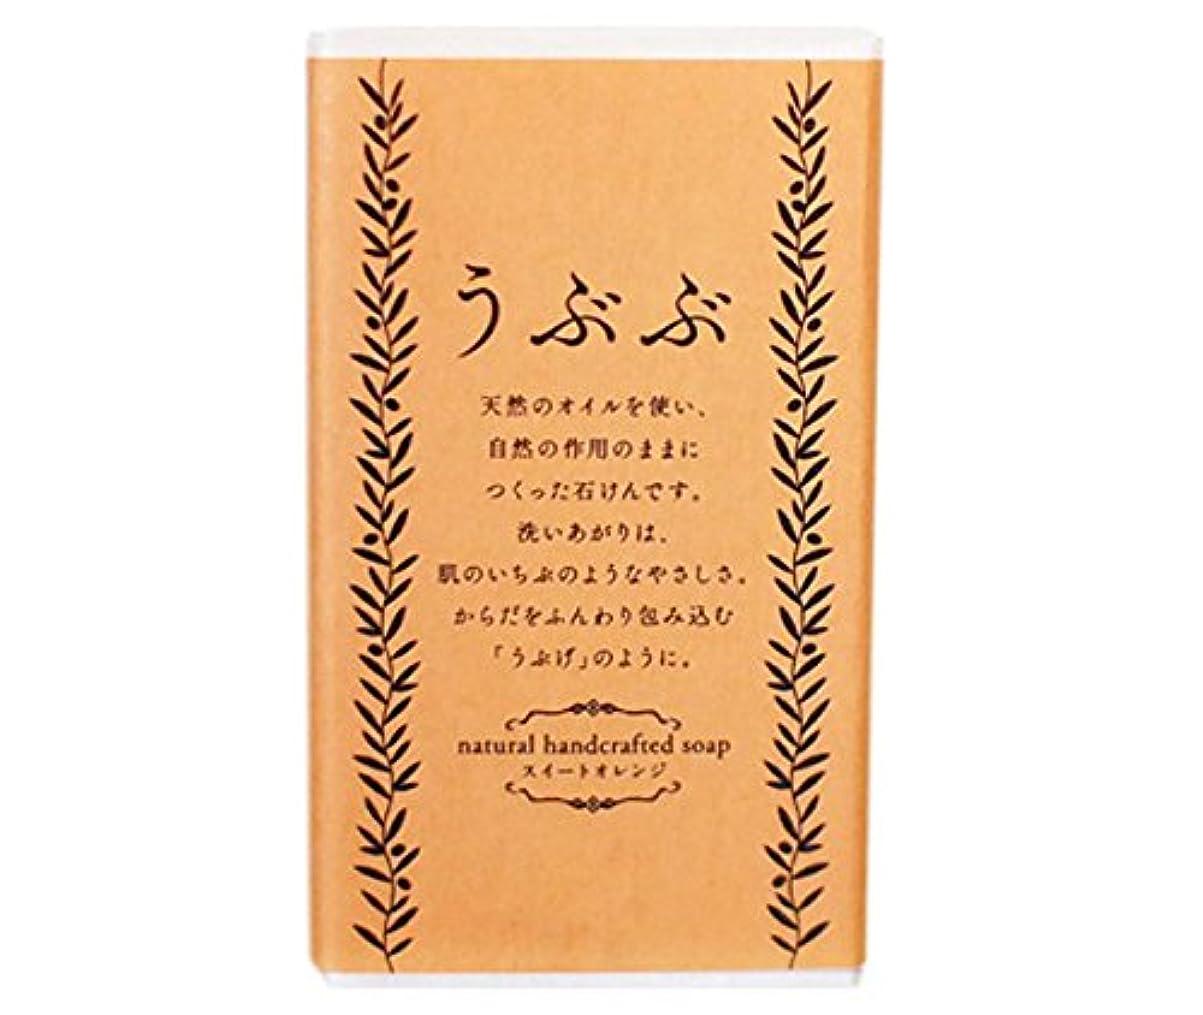 蒸気スパン雄弁うぶぶ 石けん natural handcrafted soap スイートオレンジ